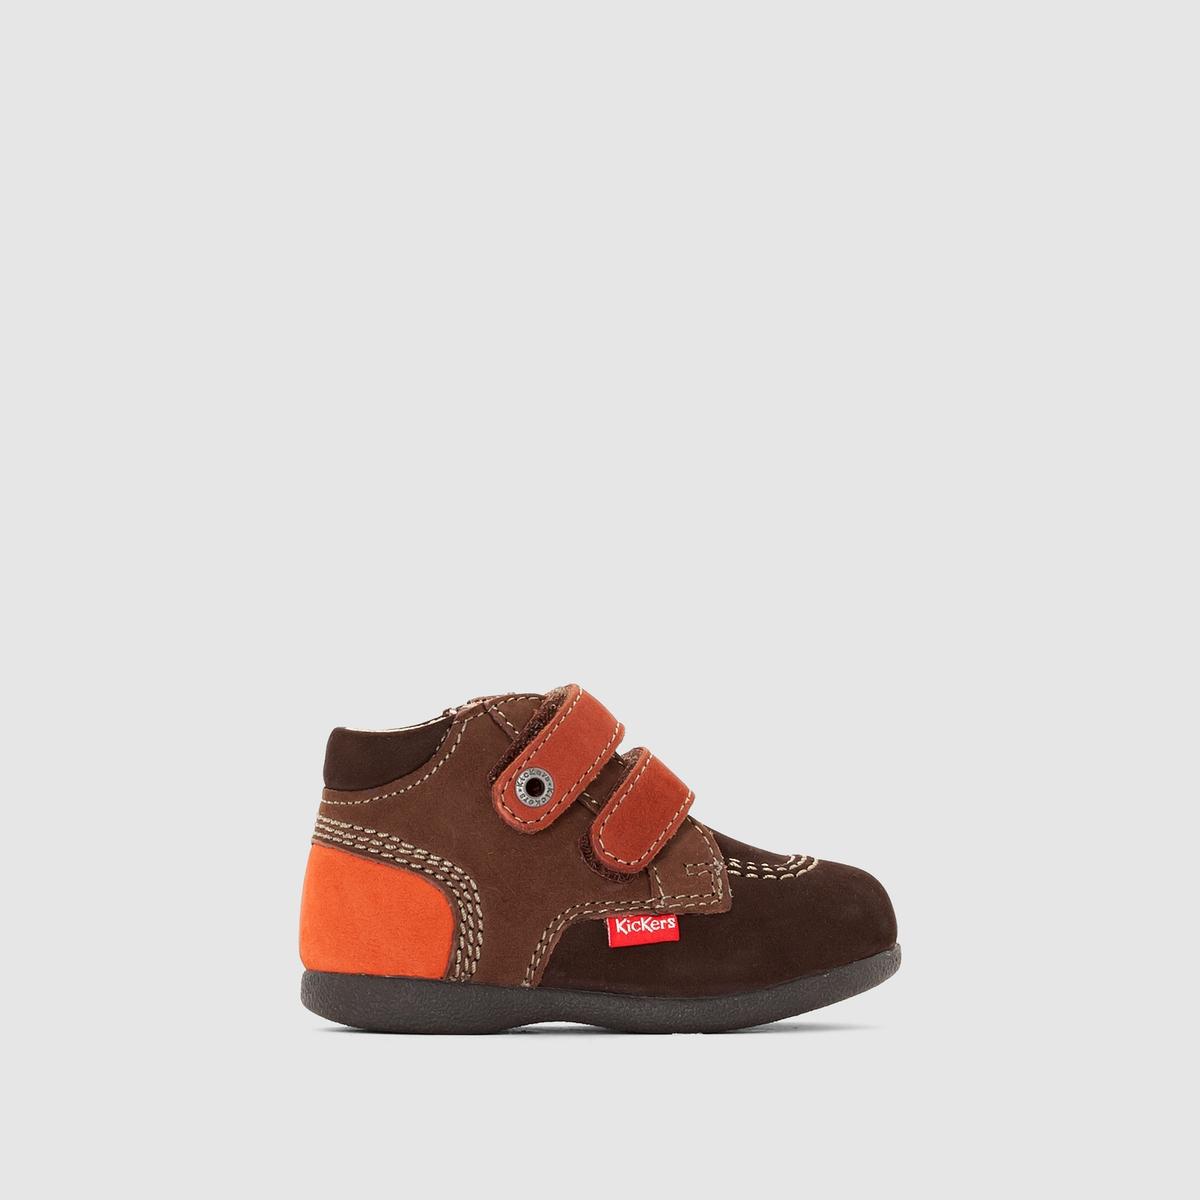 Ботинки из нубука BabyscratchПодкладка : кожа                 Стелька : кожа                 Подошва : Каучук.             Форма каблука : Плоская             Мысок : закругленный                    Застежка : На планку-велкро<br><br>Цвет: каштановый / оранжевый